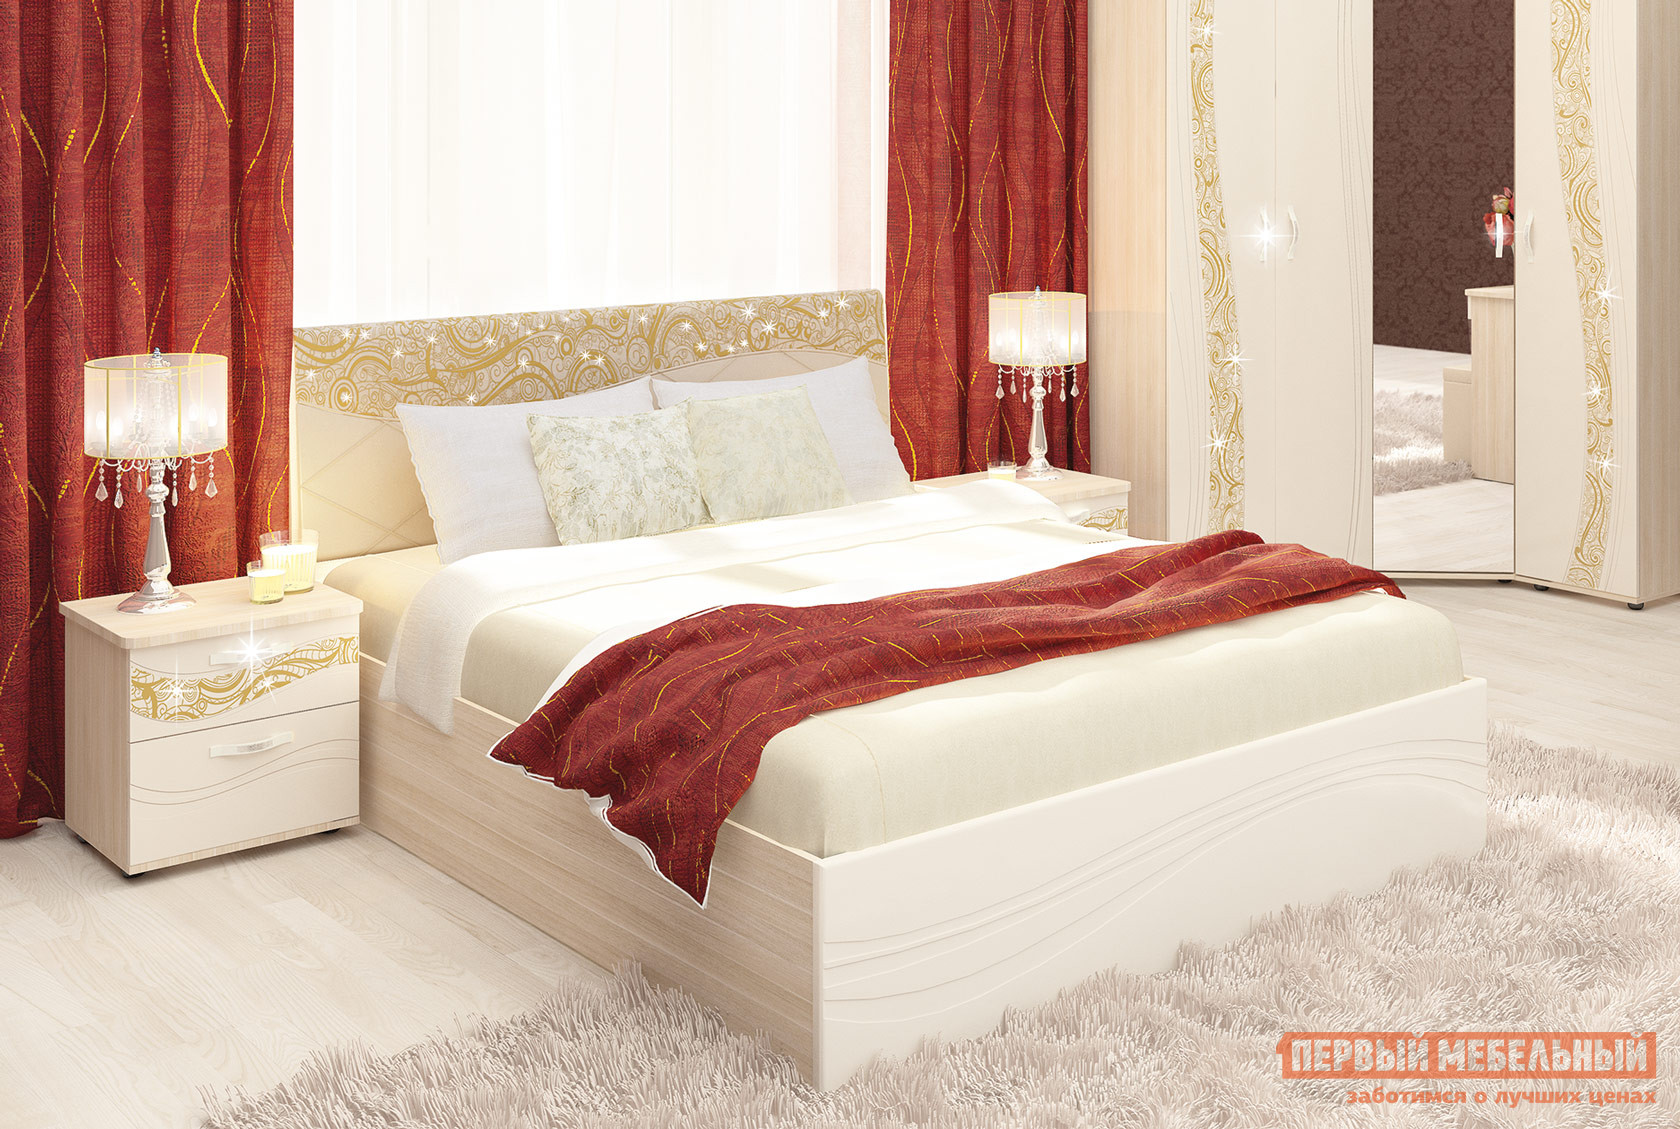 Двуспальная кровать Витра 98.21 кровать витра 54 11